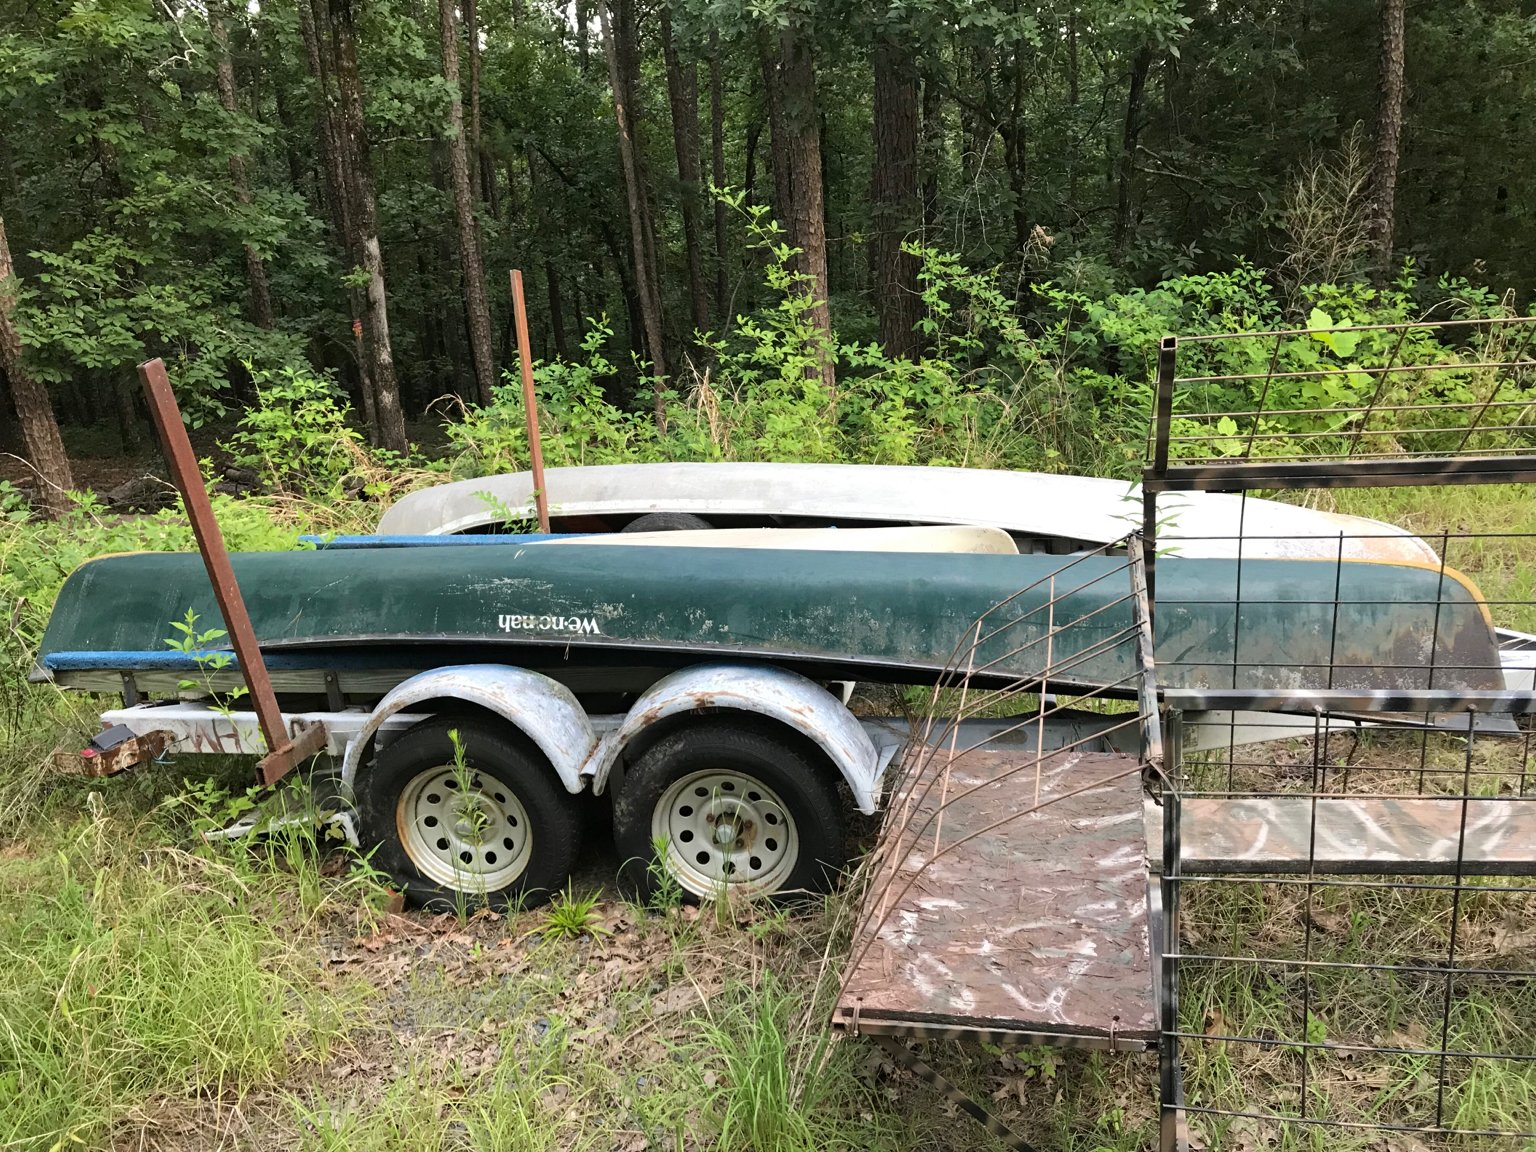 Wenonah Down River/Prospector 16 Canoe | Arkansas Hunting